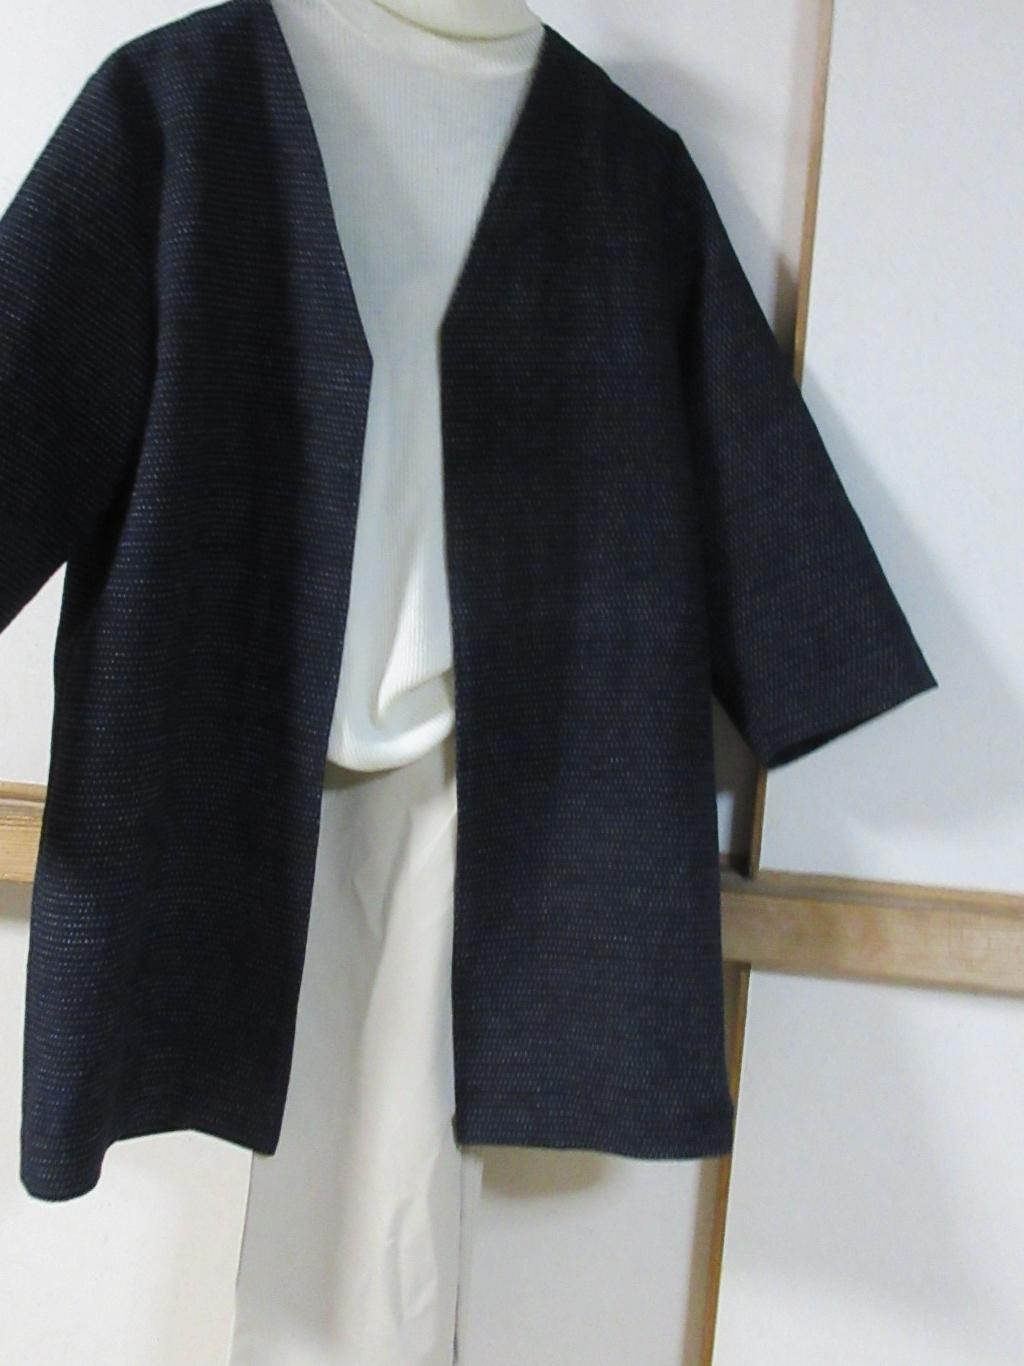 紺絣刺し子のコートが出来た_a0203003_19391568.jpg